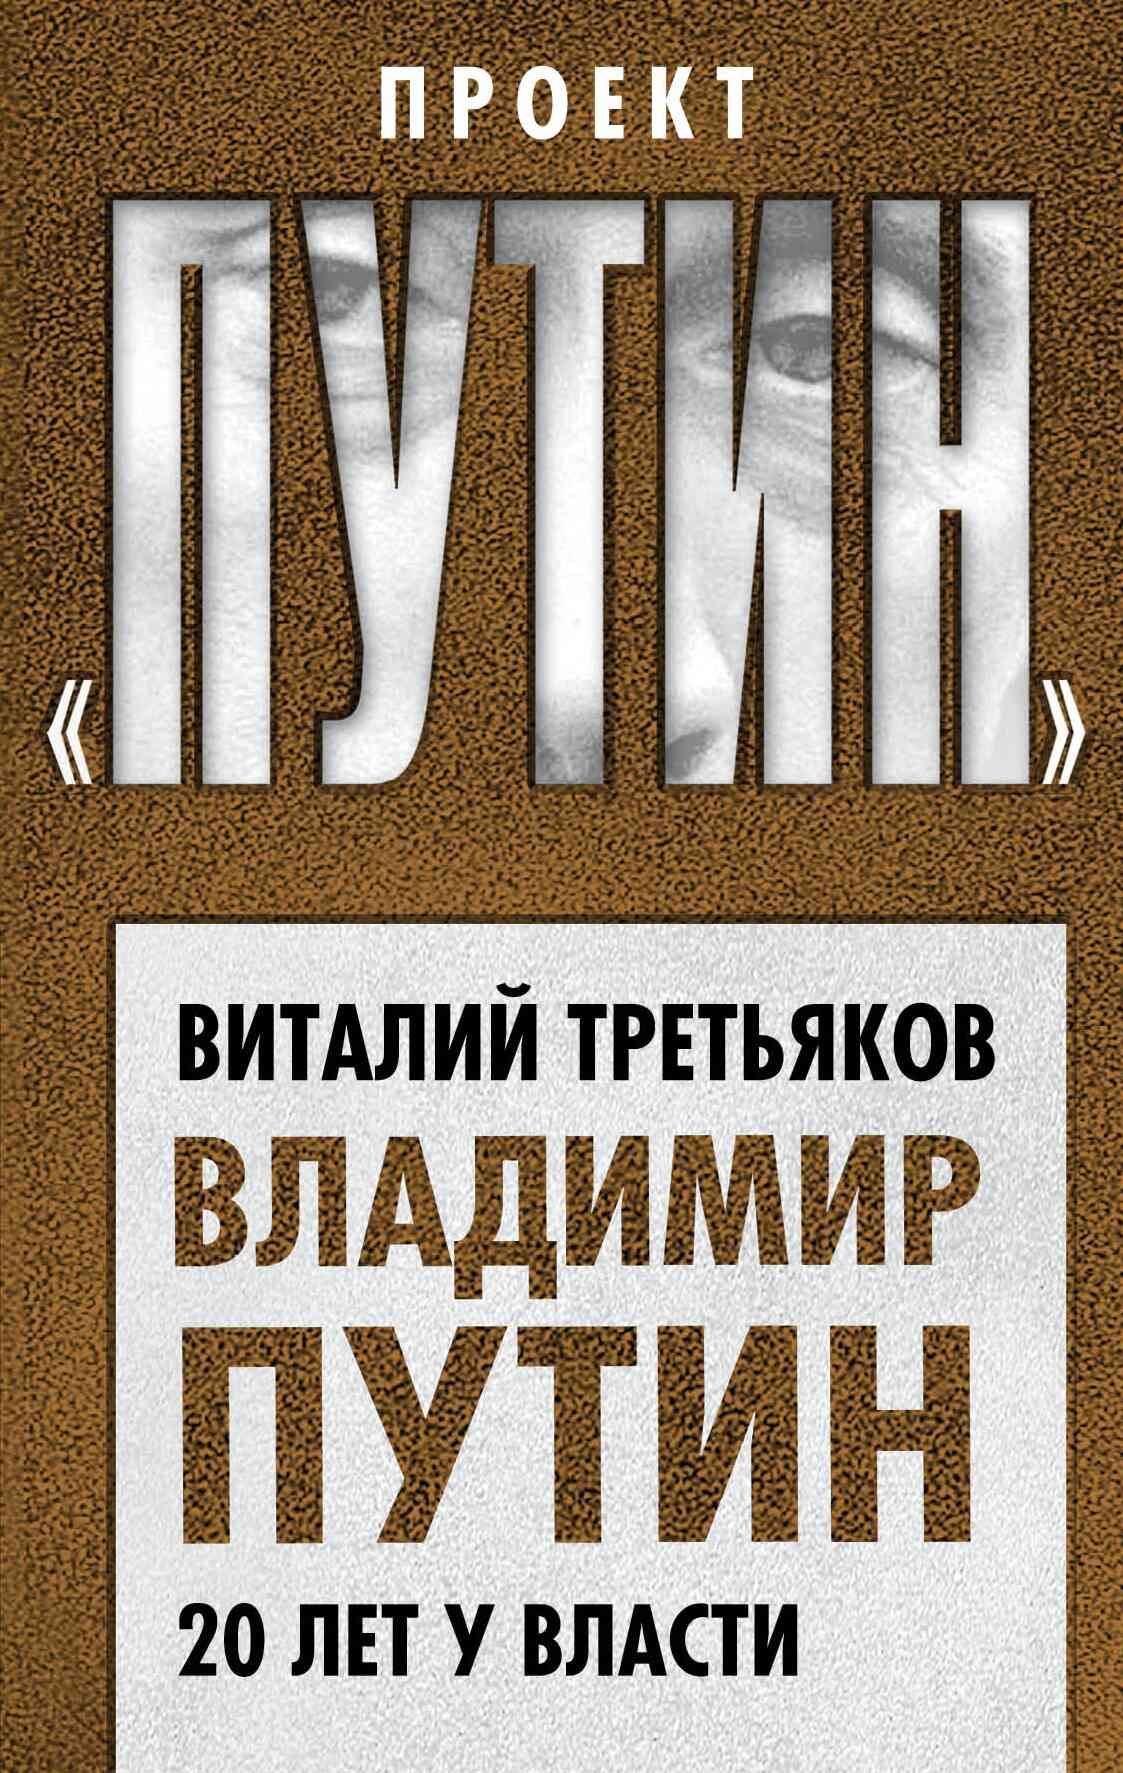 Владимир Путин. 20 лет у власти